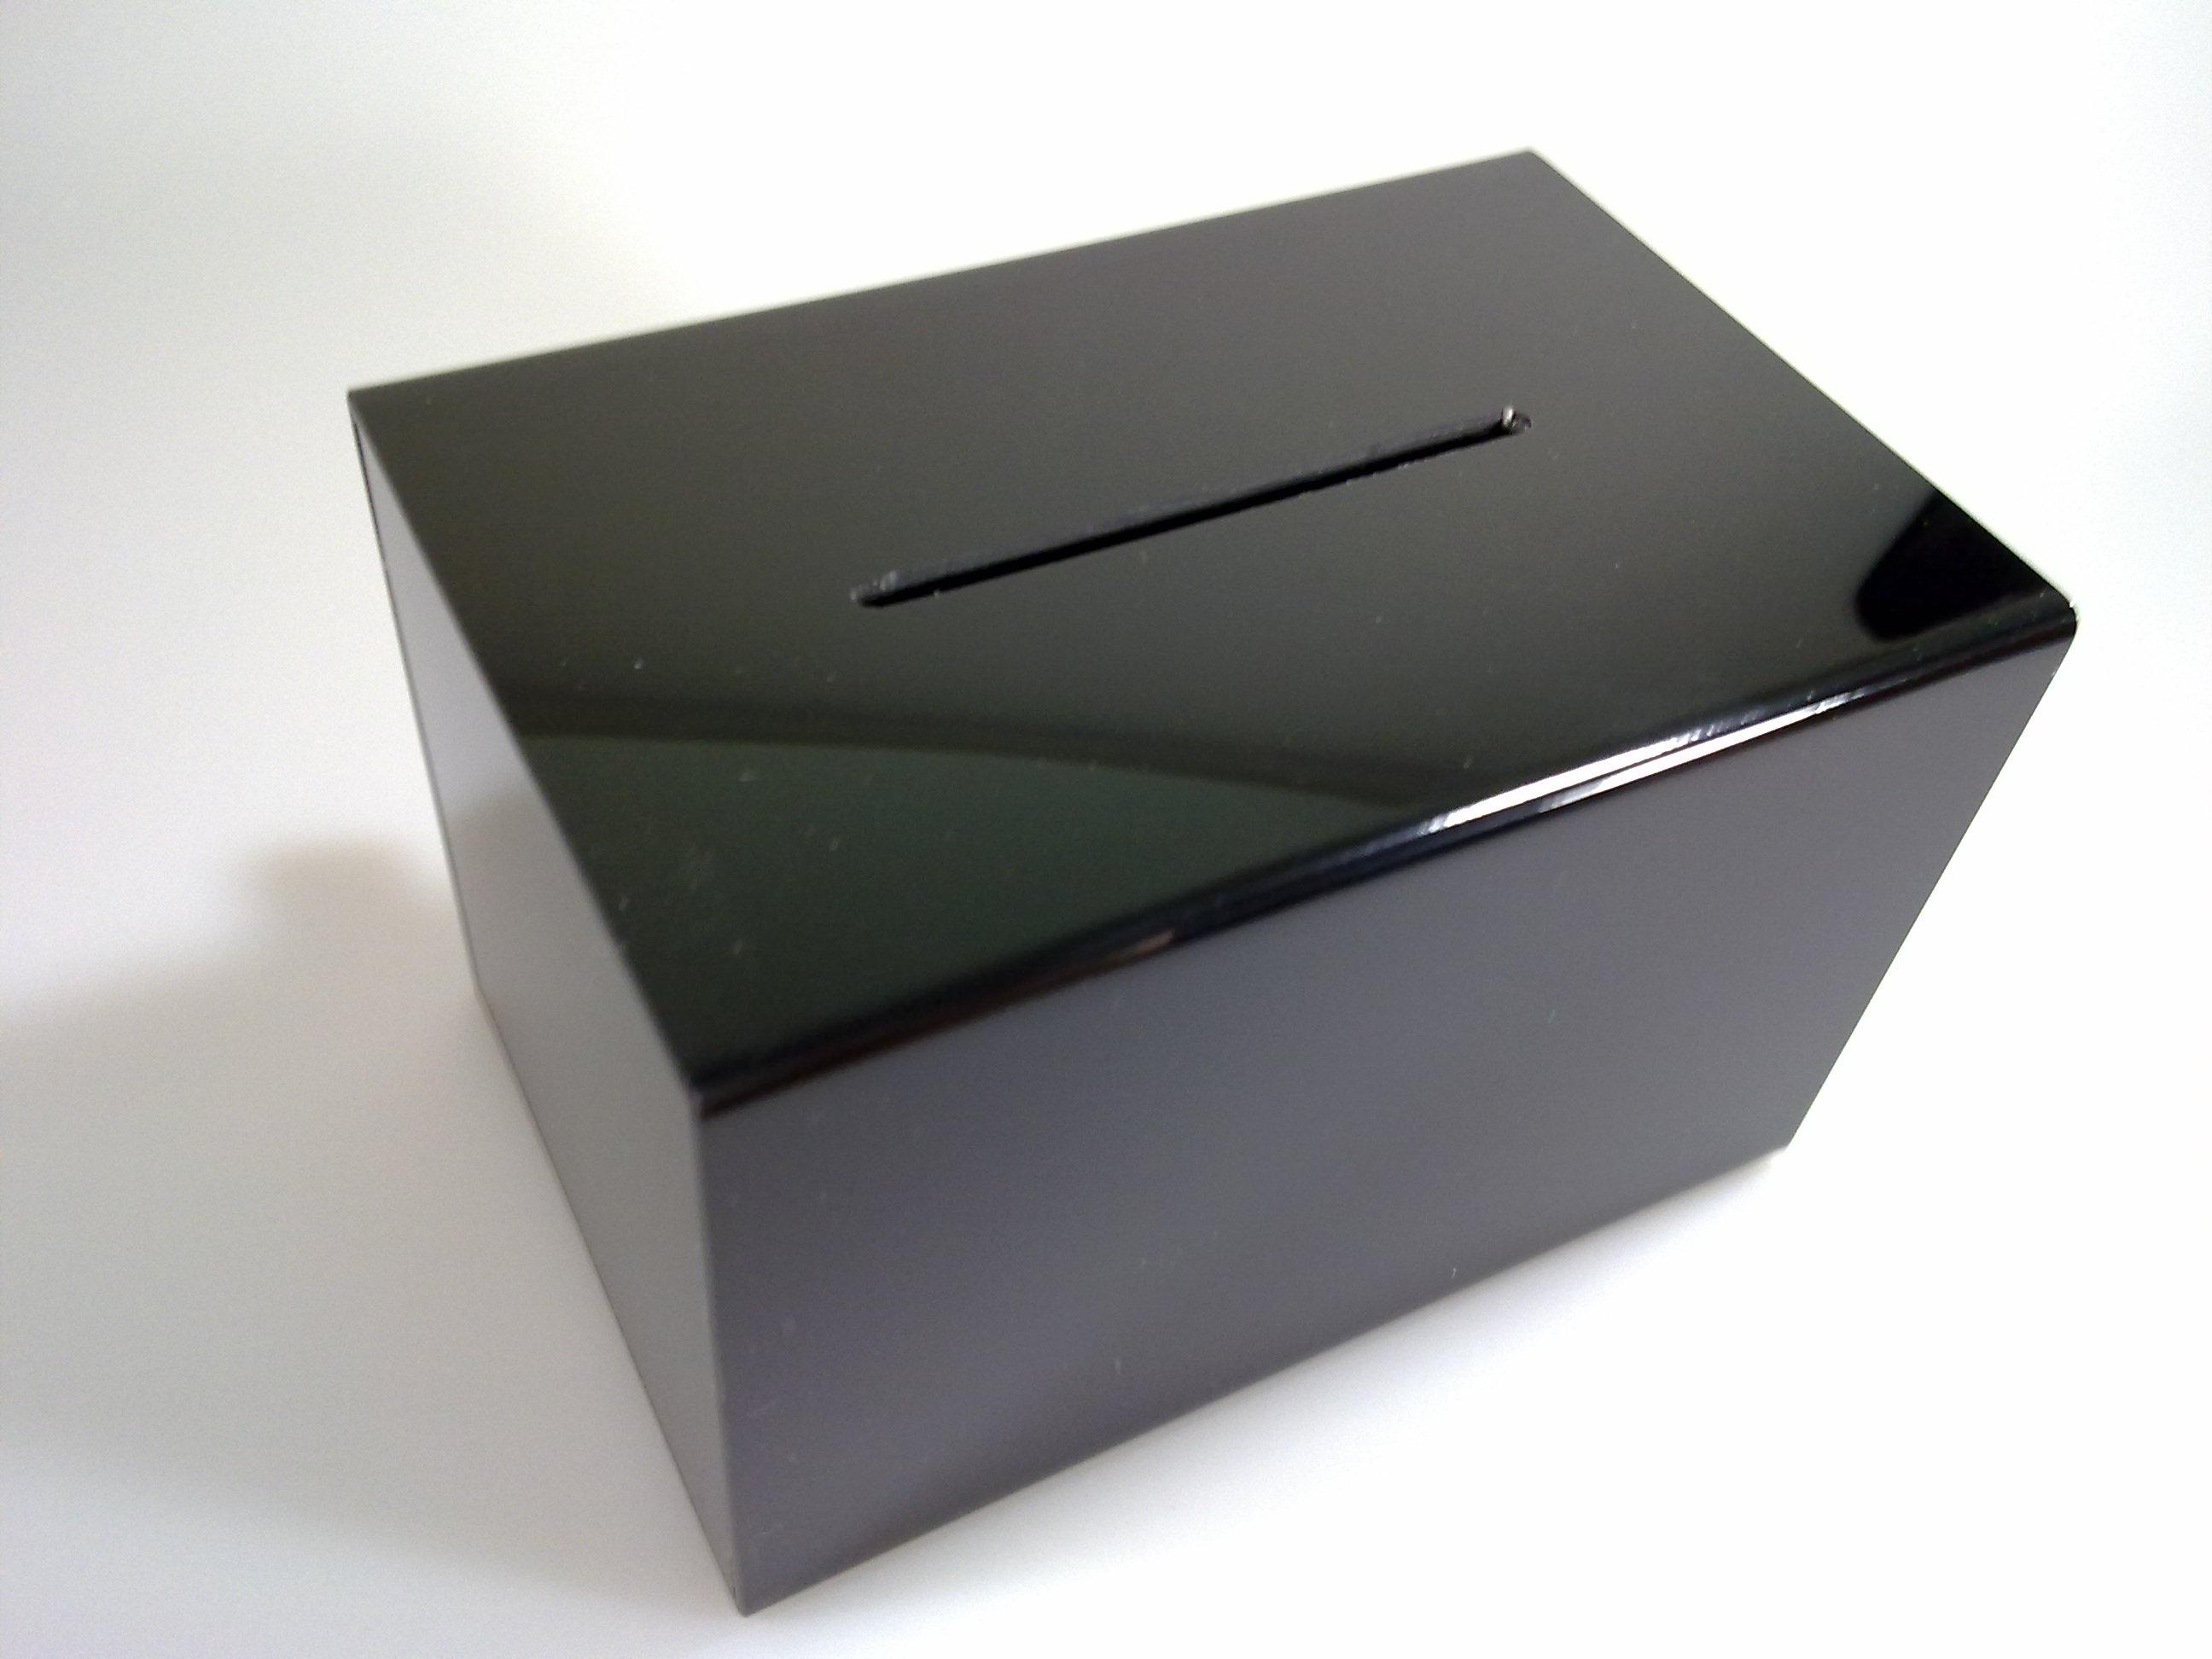 กล่องทิป สีดำ size M 20cm ***ผลิต 7 วัน (กล่องรับบริจาค กล่องแสดงความคิดเห็น)